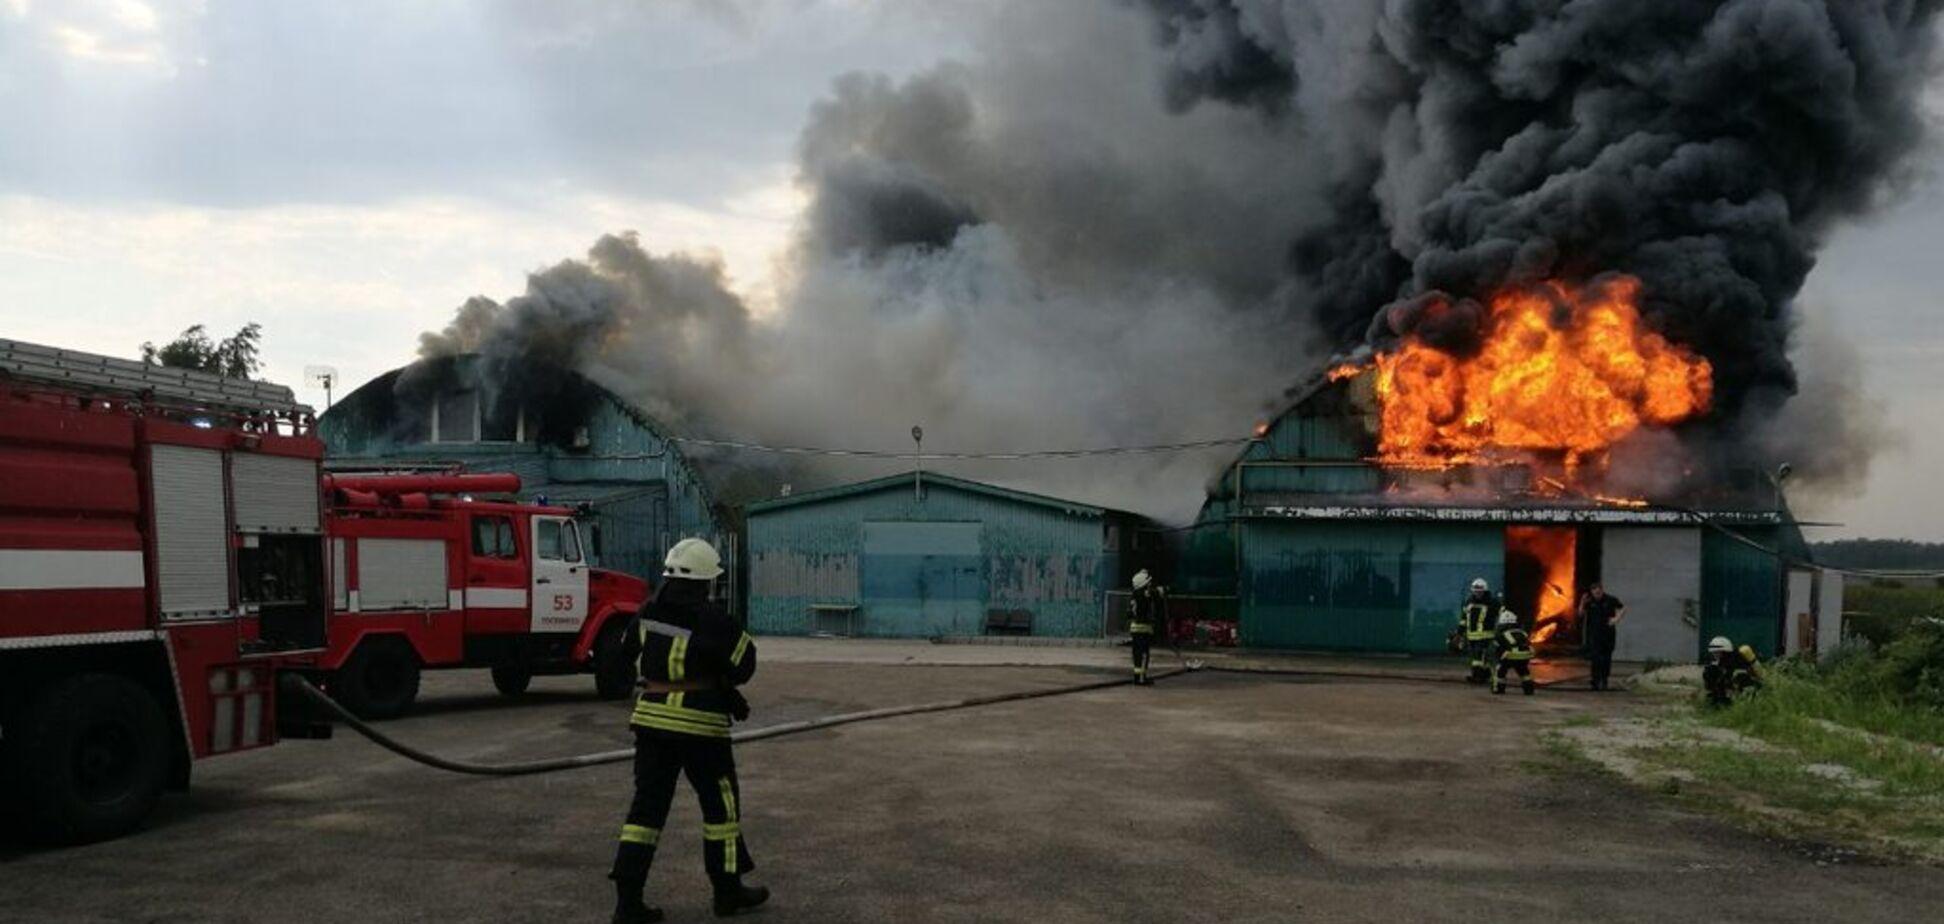 Под Киевом возле АЗС вспыхнул мощный пожар: первые фото и подробности